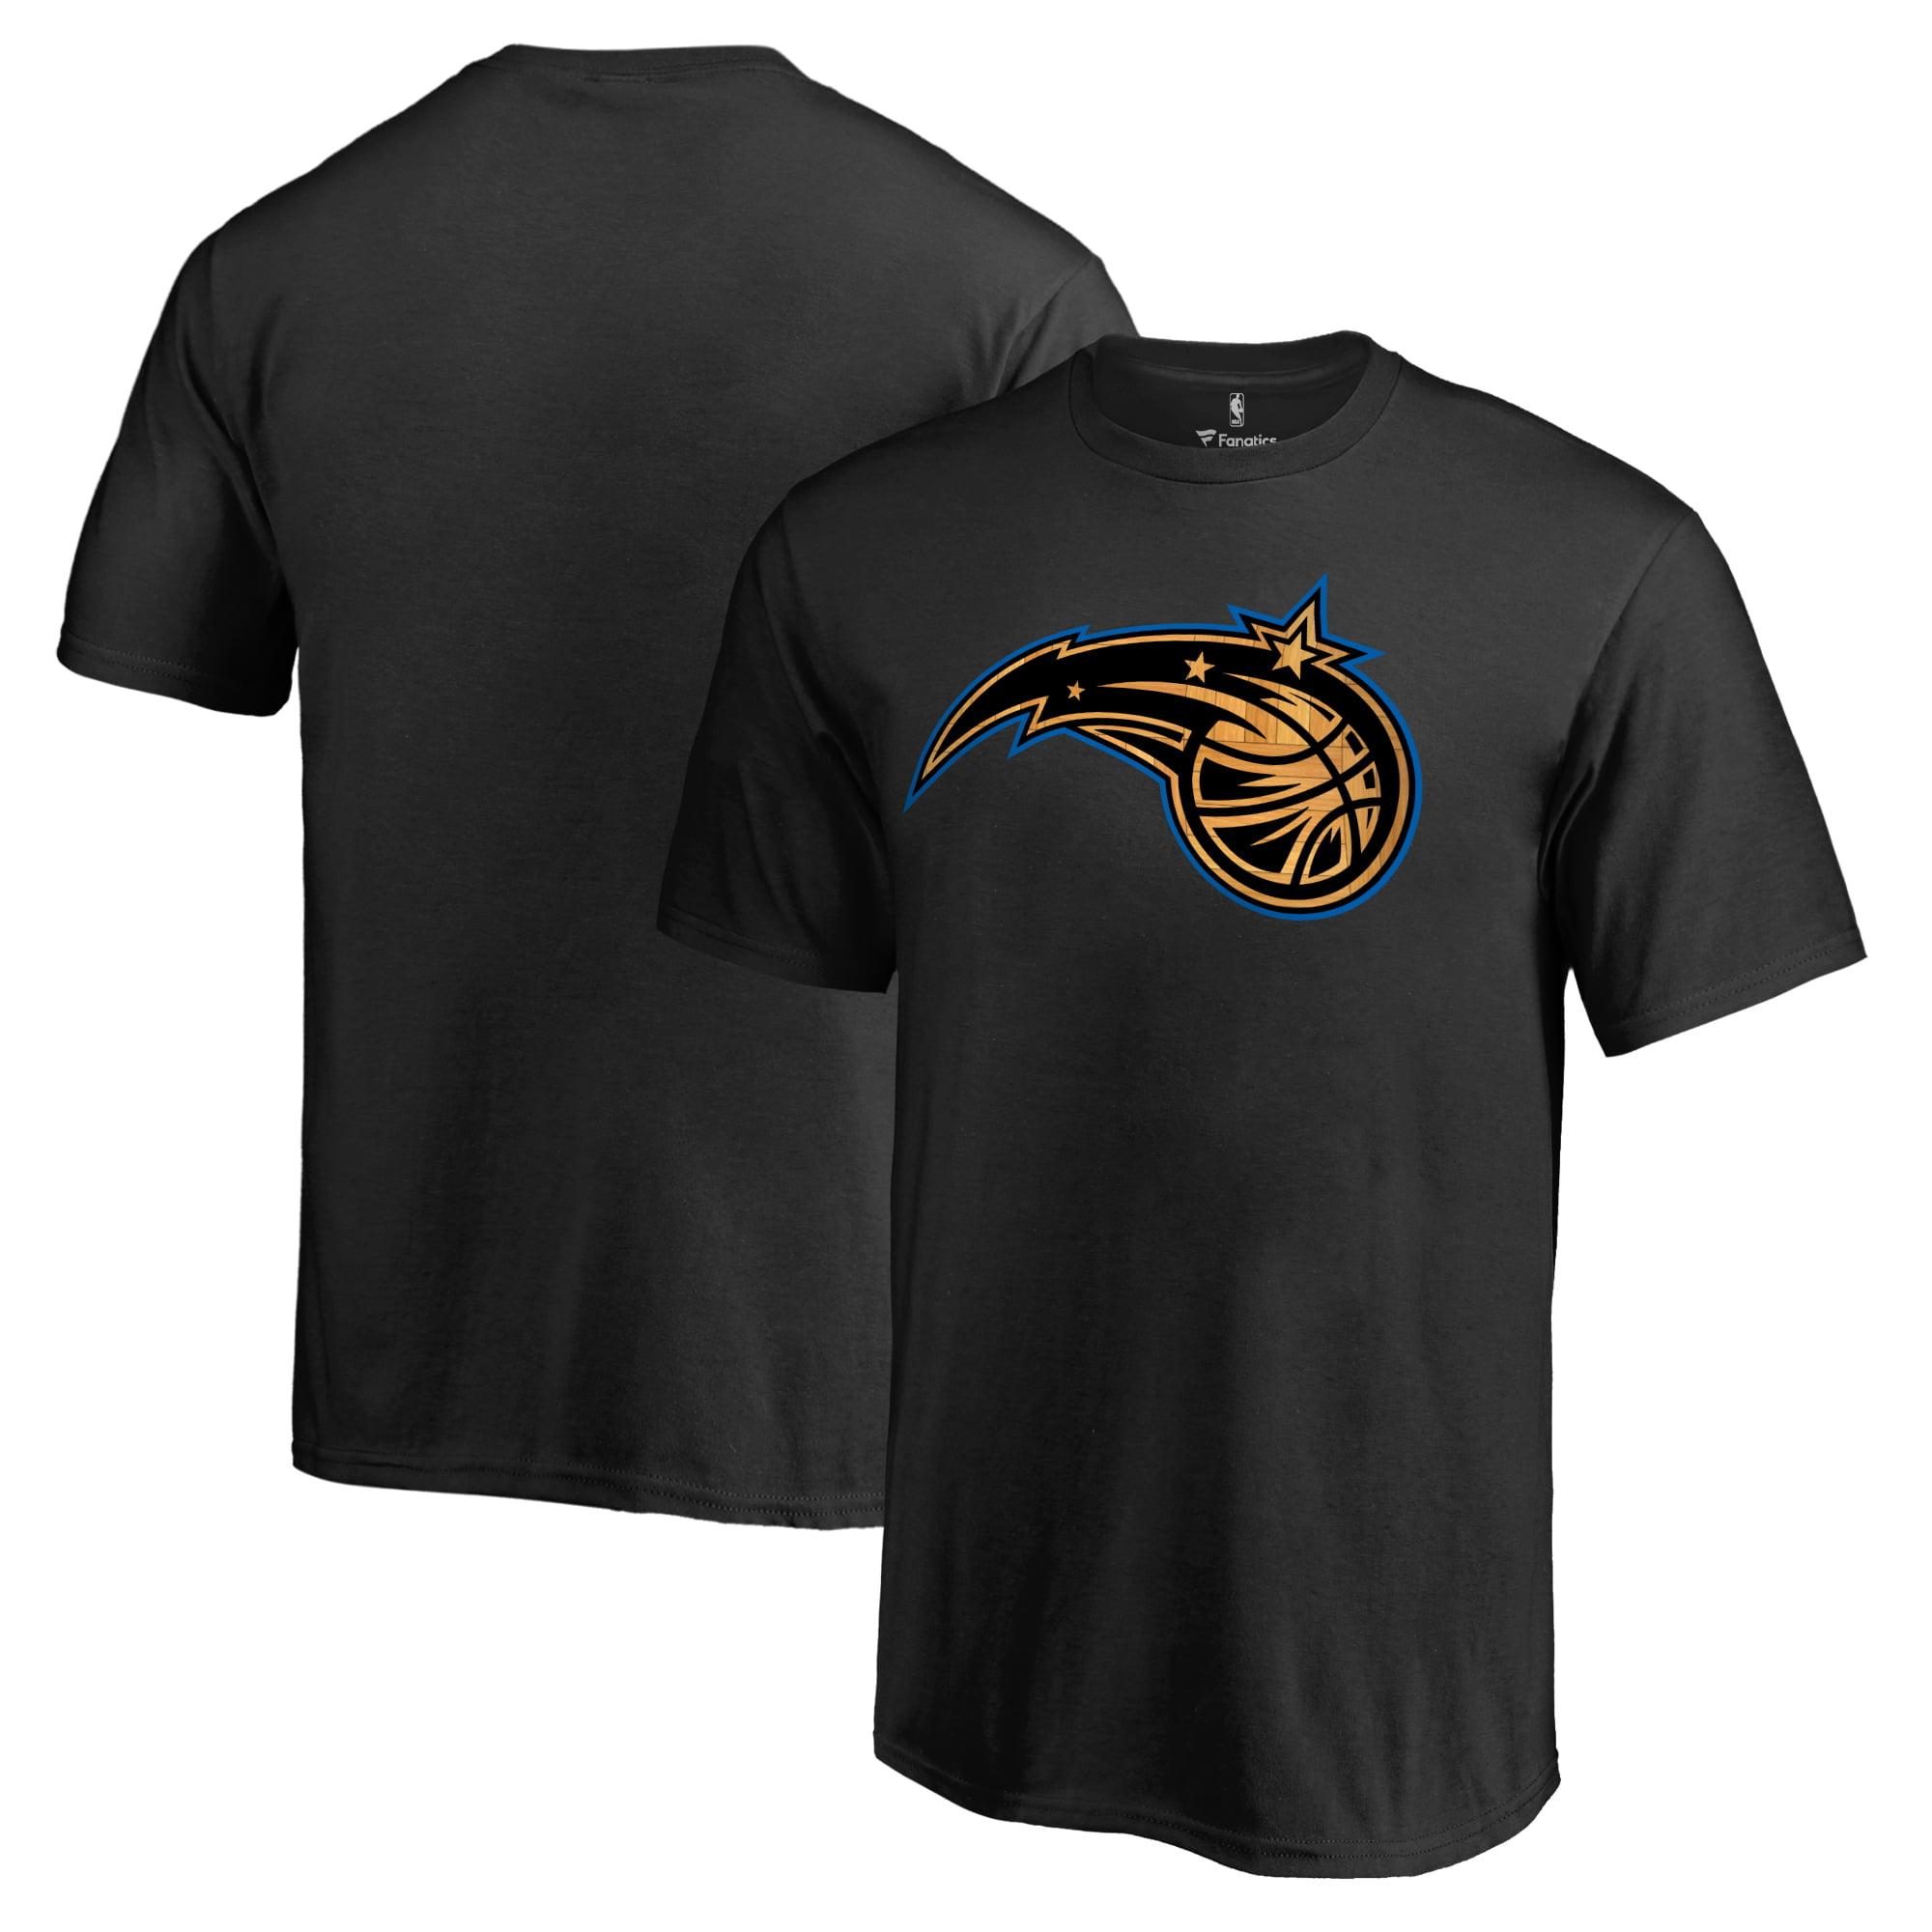 Orlando Magic Youth Hardwood T-Shirt - Black